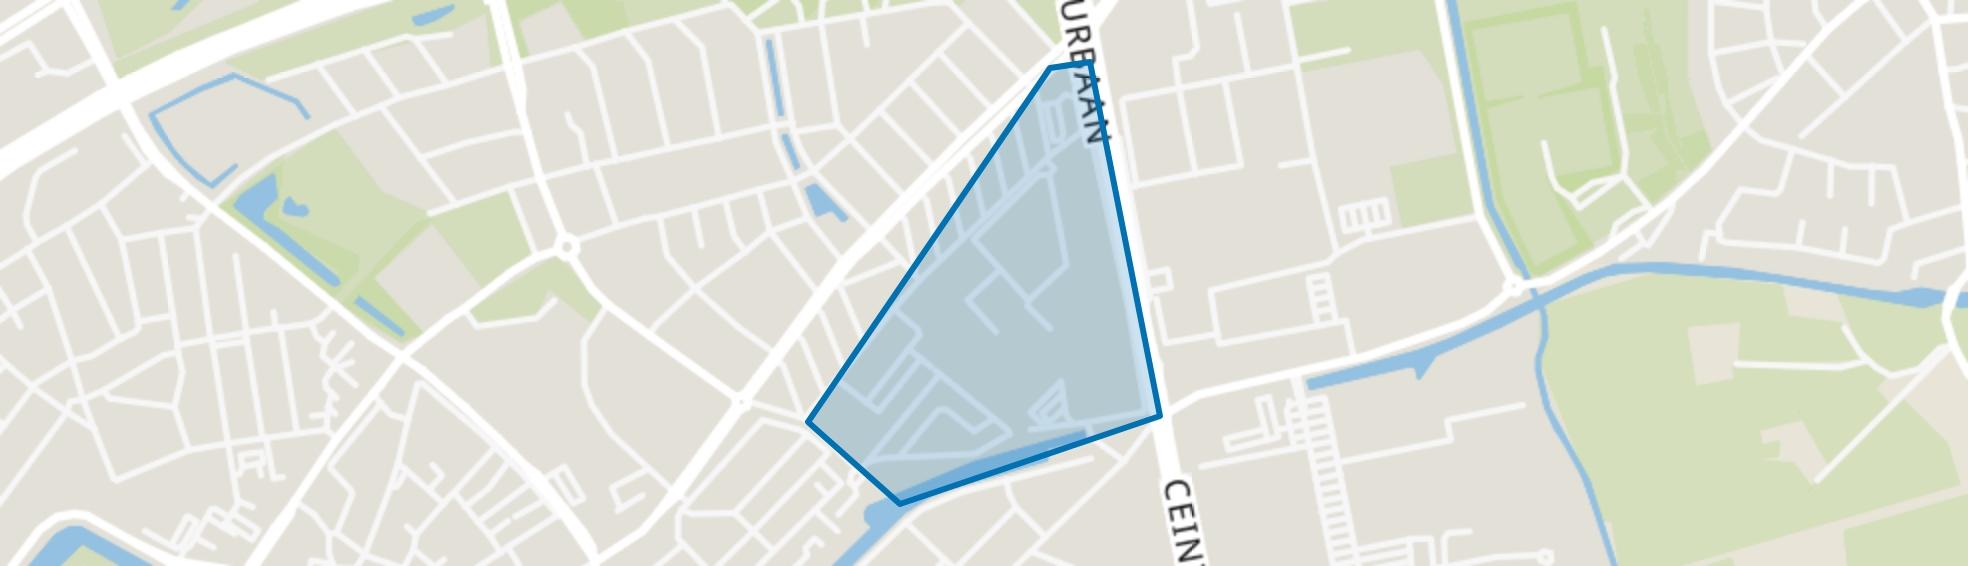 Bedrijventerrein Floresstraat, Zwolle map